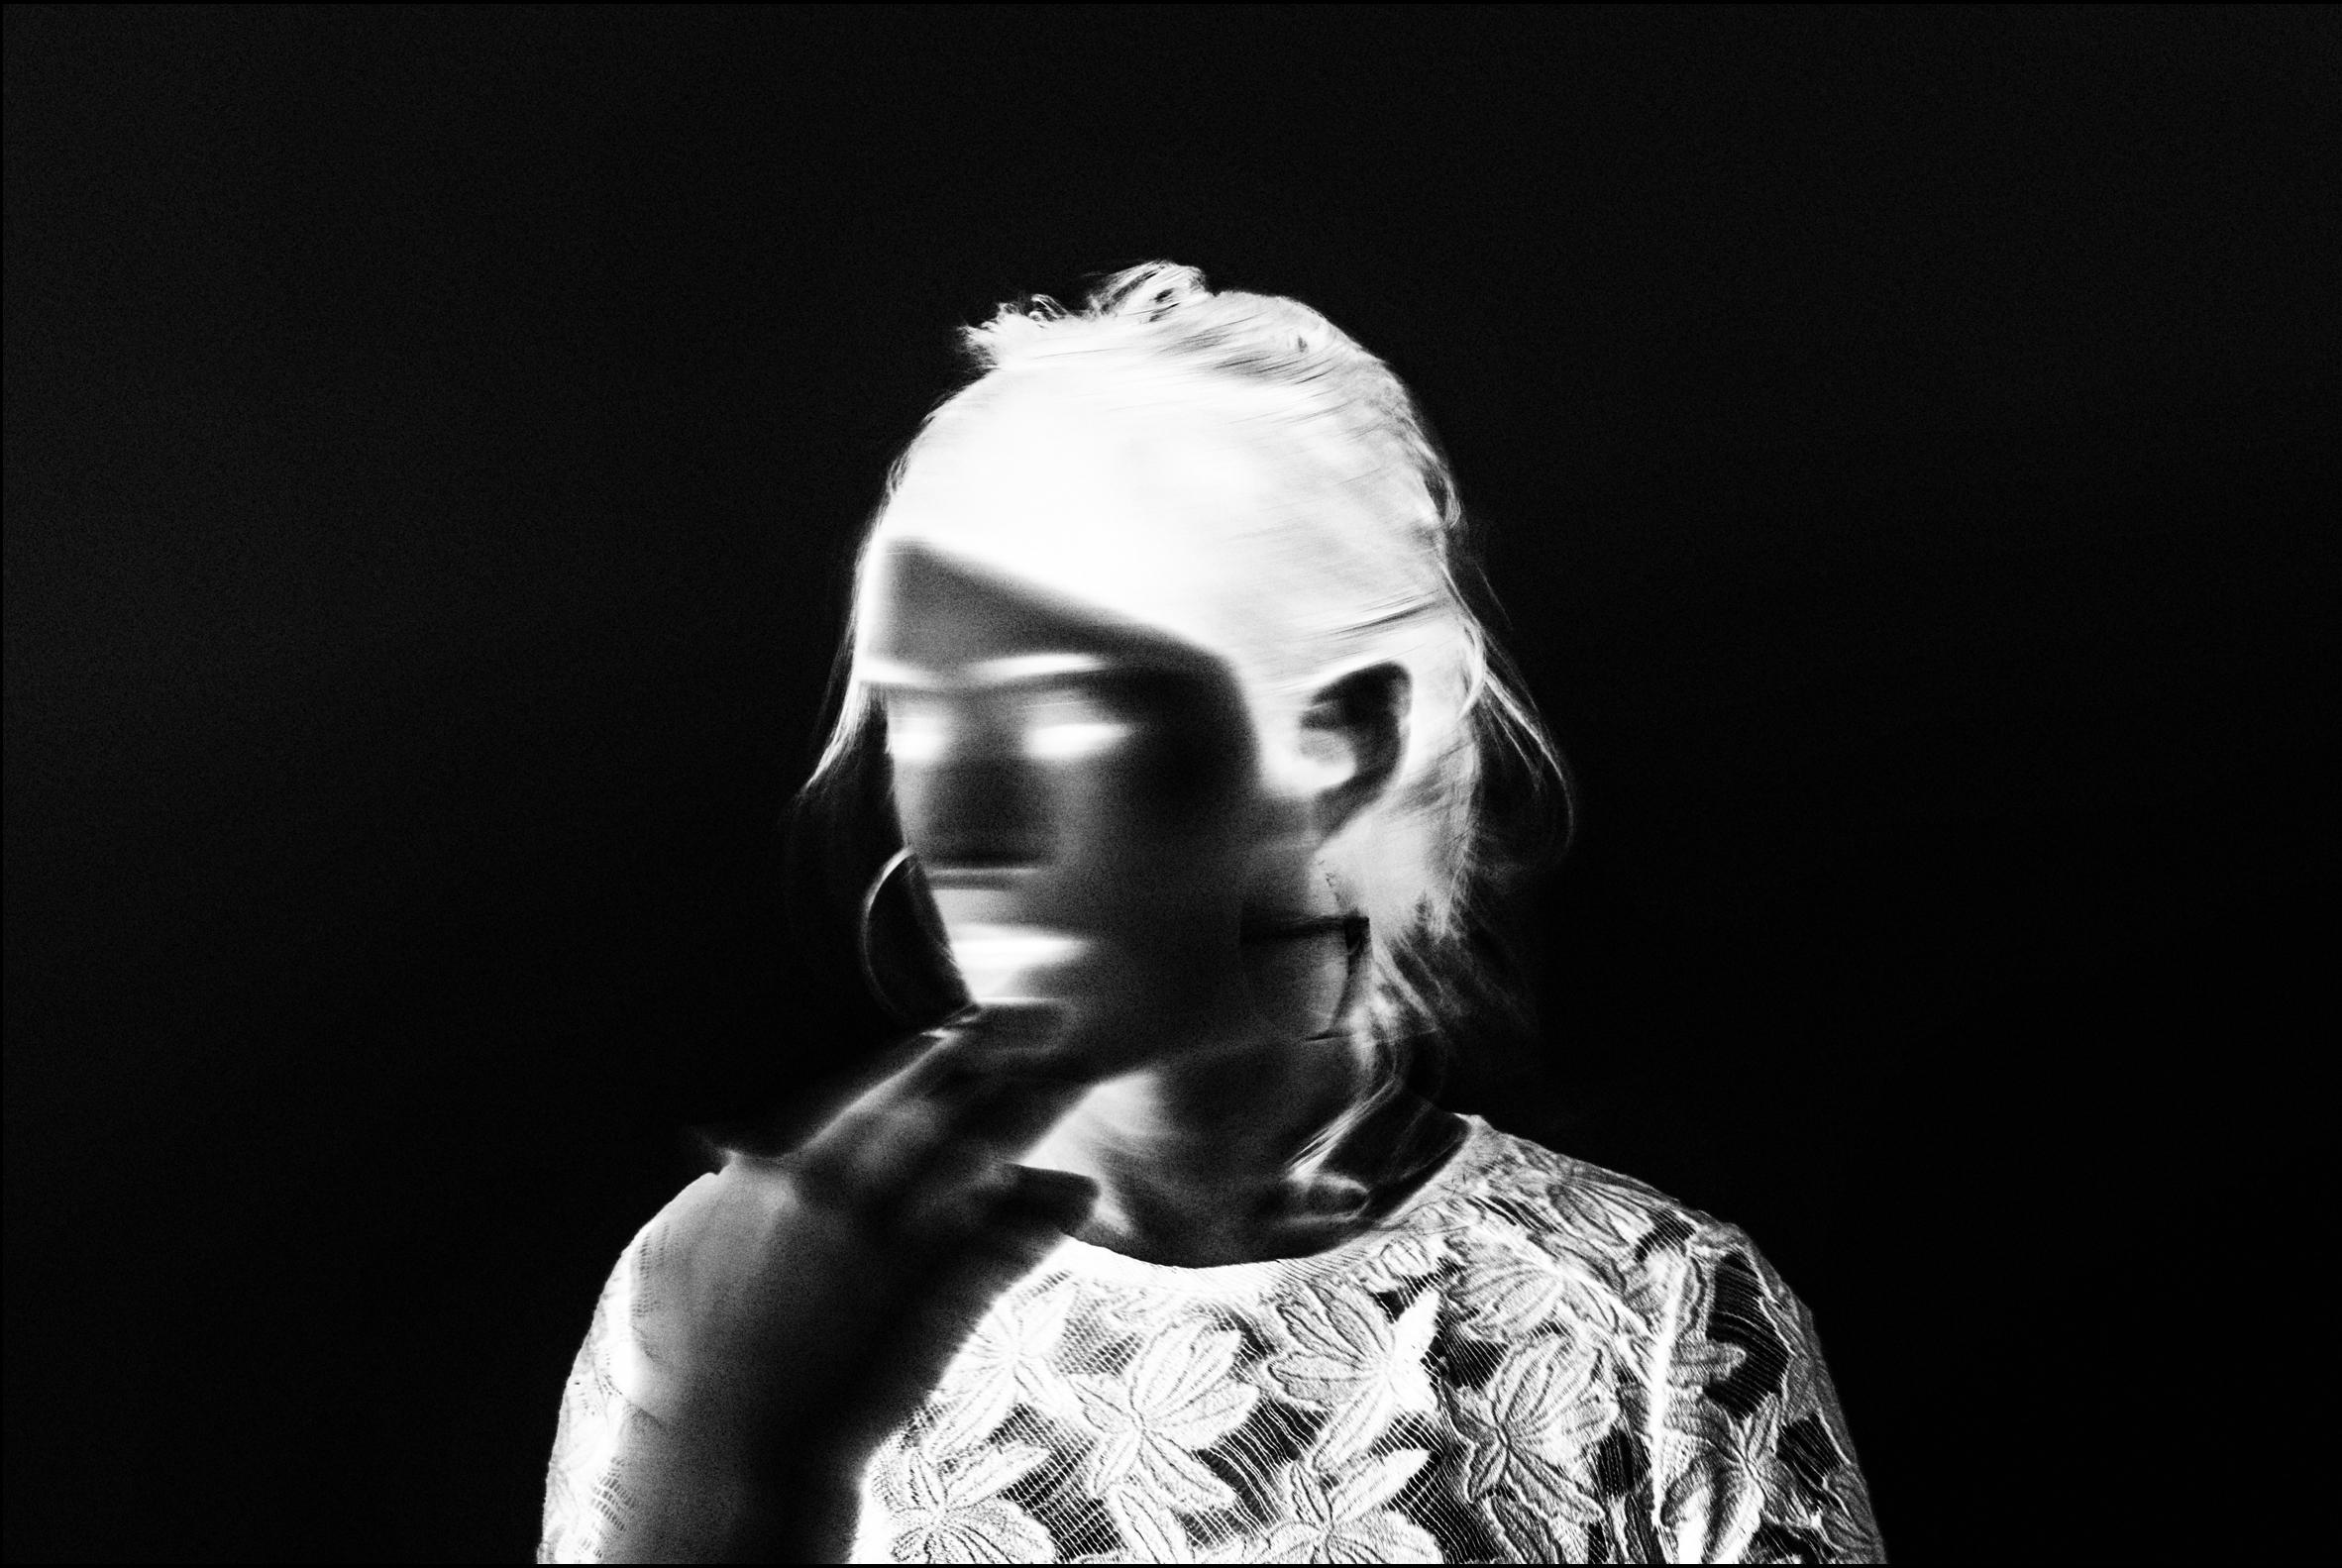 Mathilde Lavenne par Nicolas Djavanshir